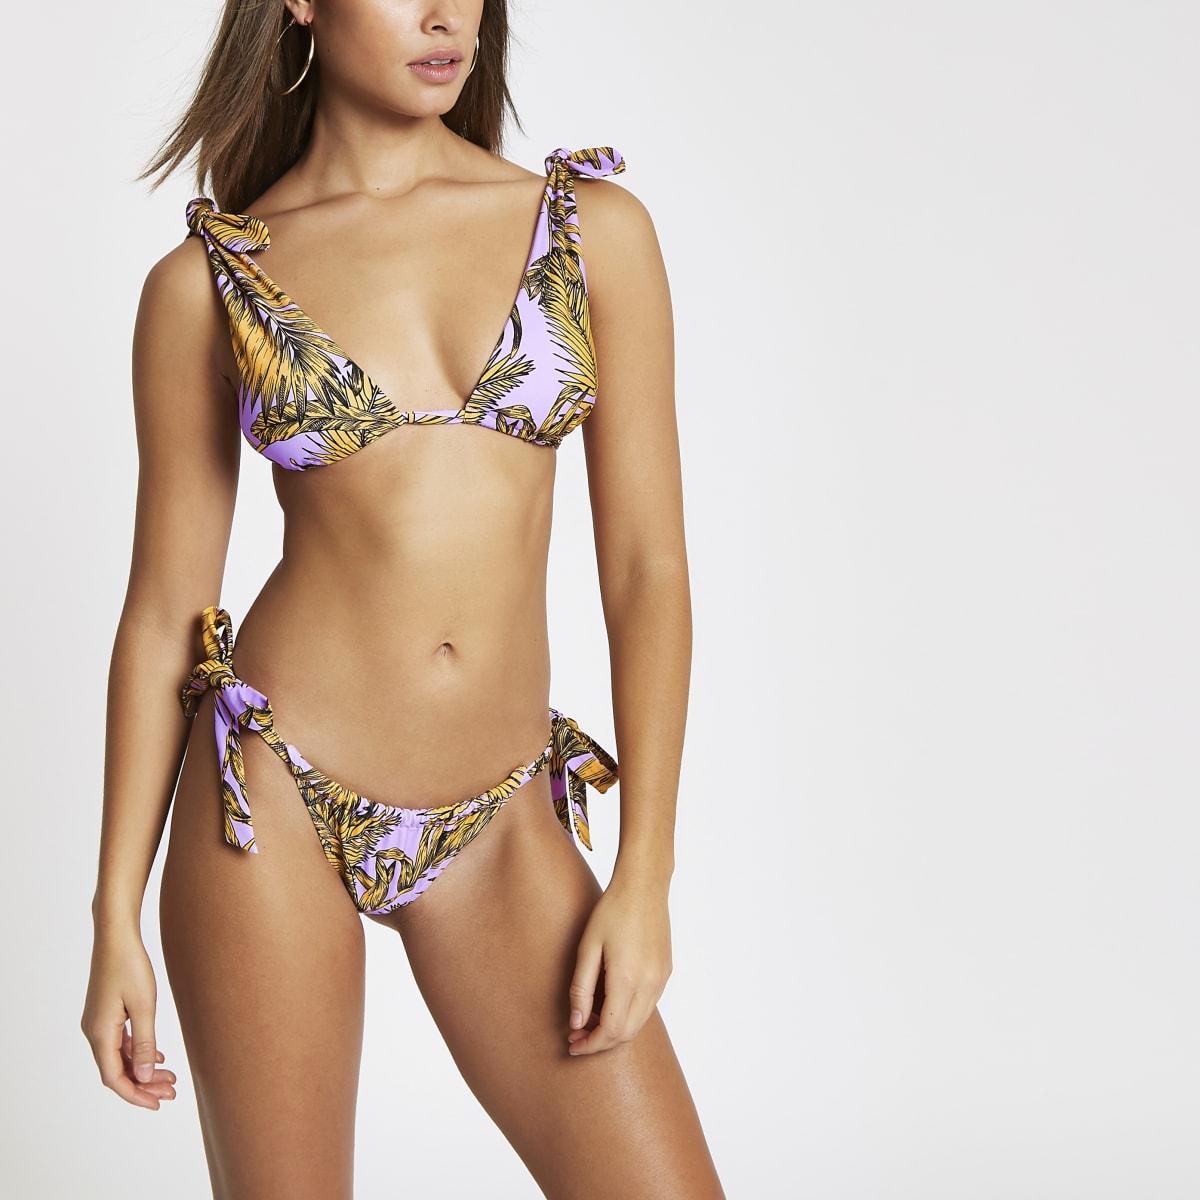 Purple floral low rise bikini bottoms